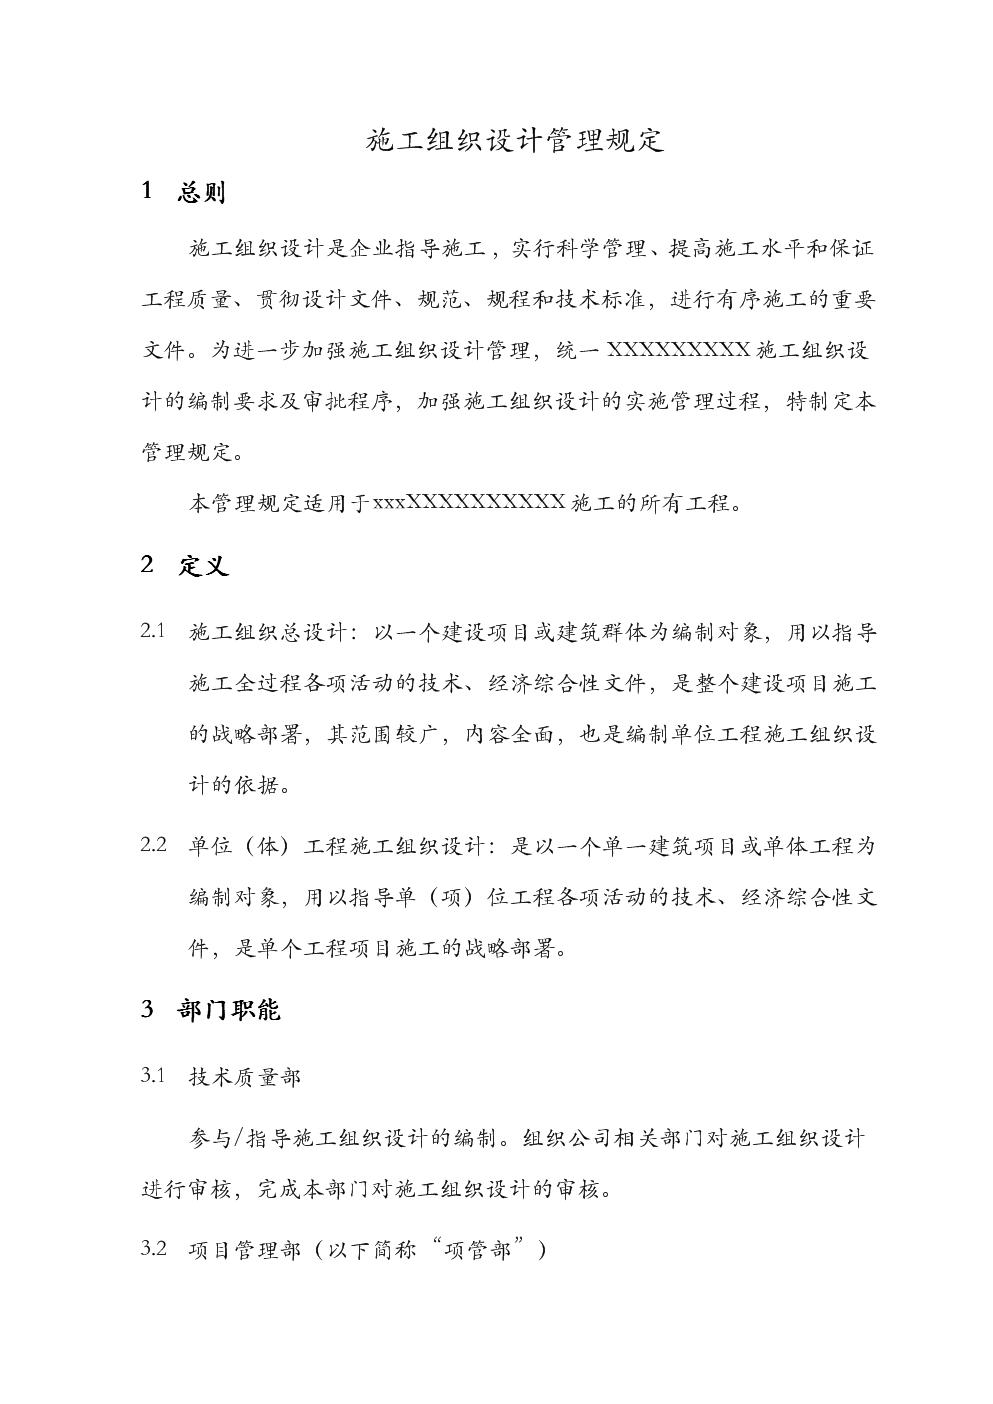 施工组织设计之管理规定.doc